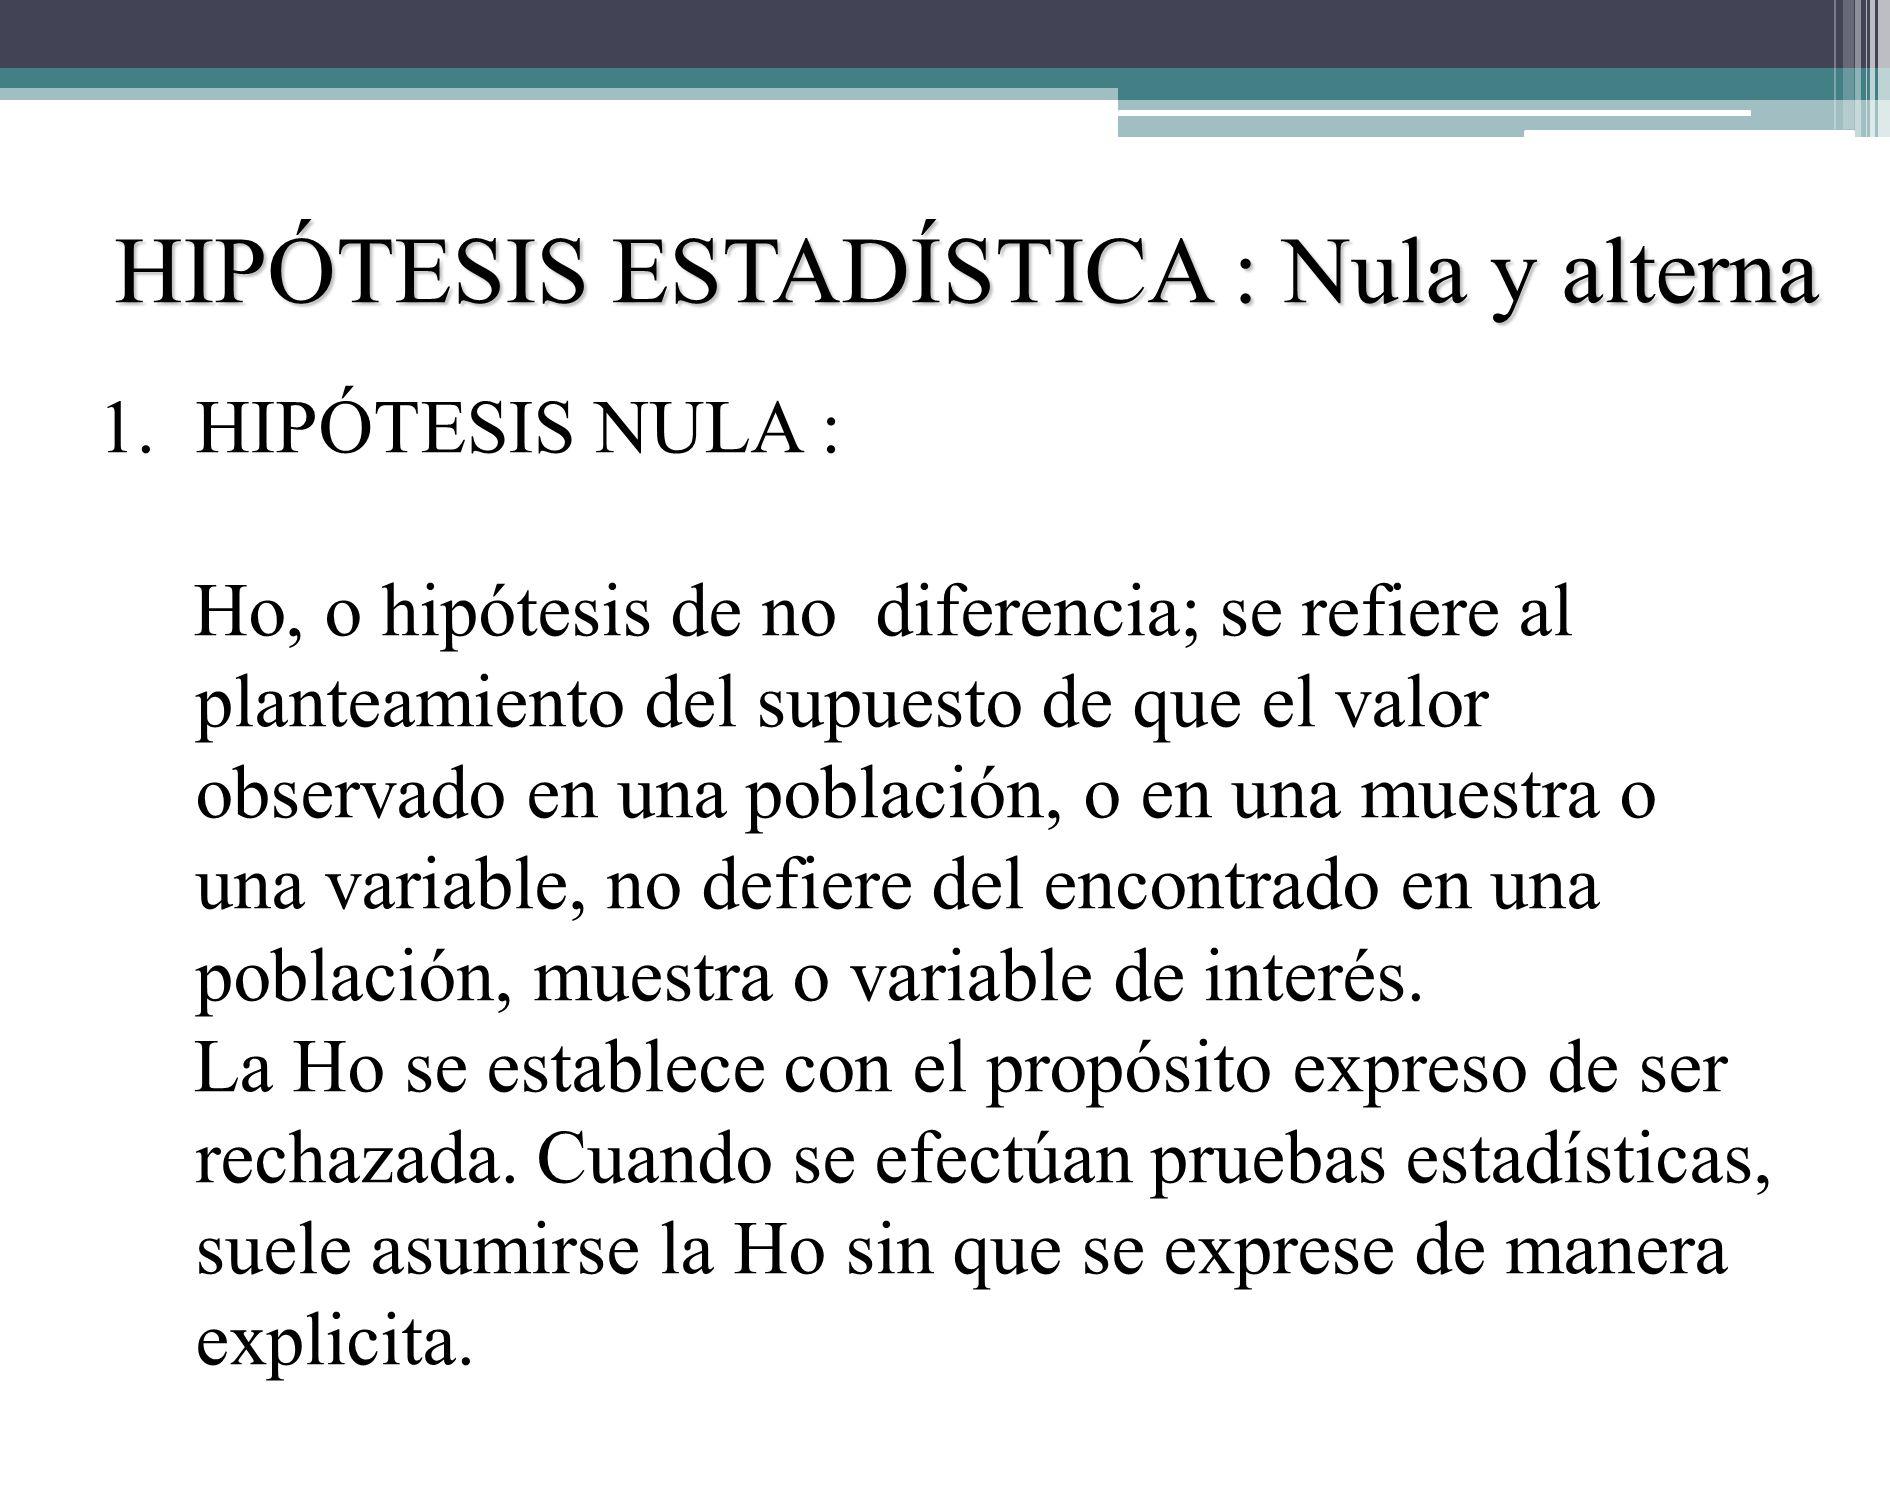 REQUISITOS DE LA HIPÓTESIS Para el proceso de análisis estadístico inferencial de los datos recolectados deben plantearse hipótesis estadísticas, esta